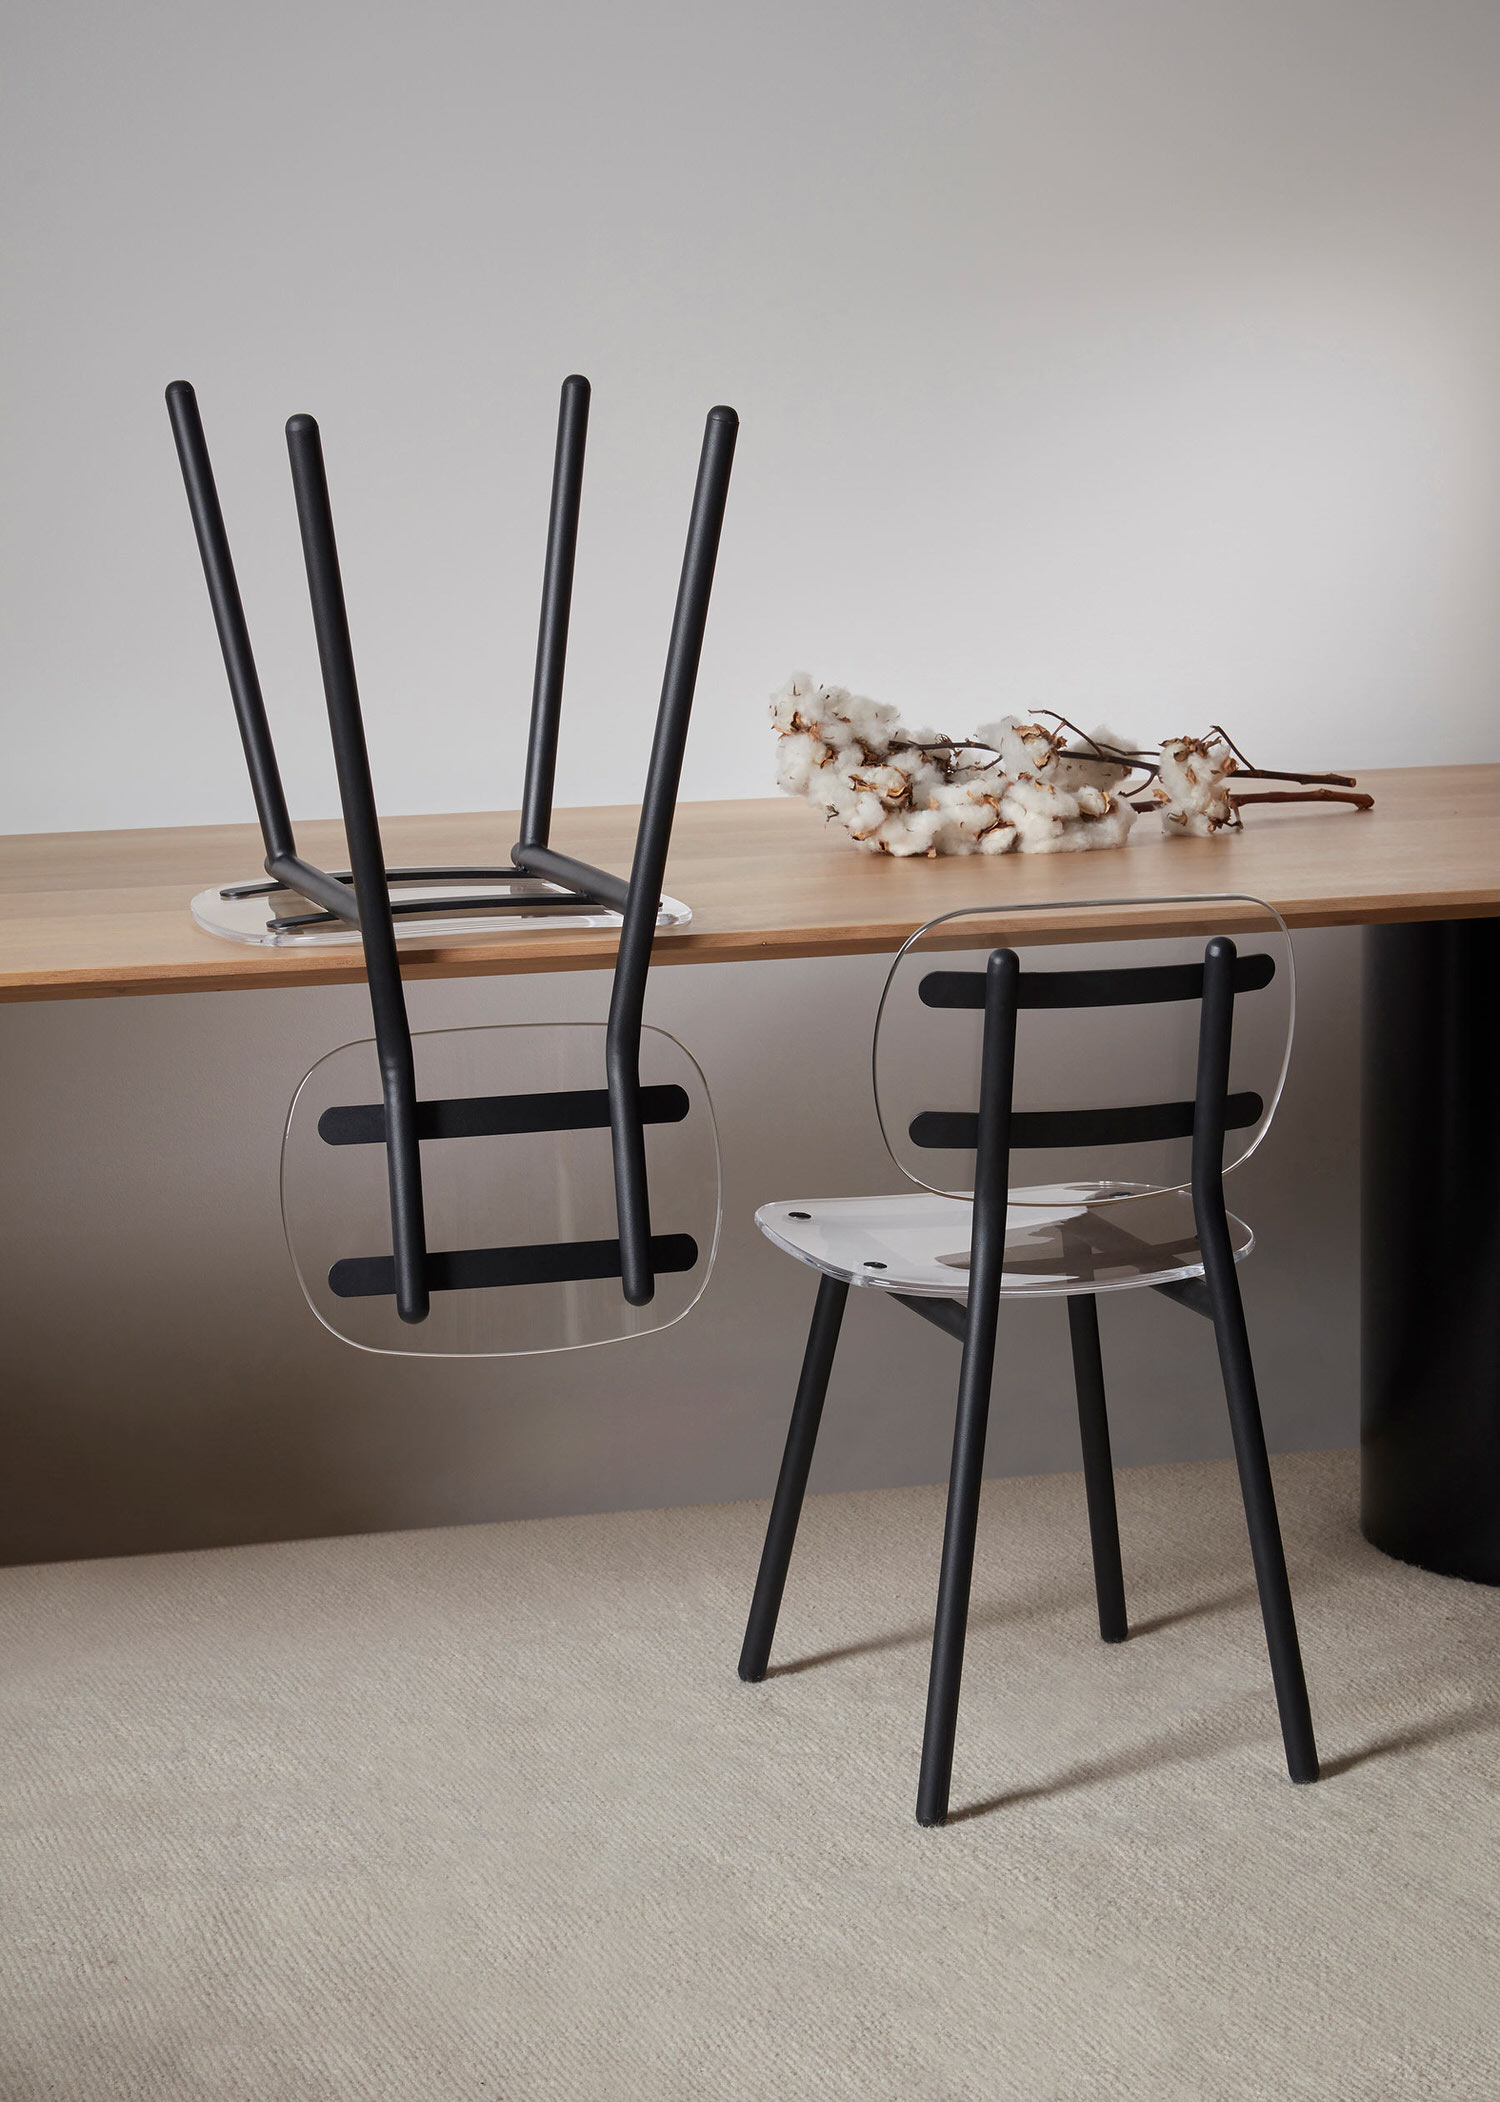 DesignByThem Fenster Chair, Australian Design   Yellowtrace